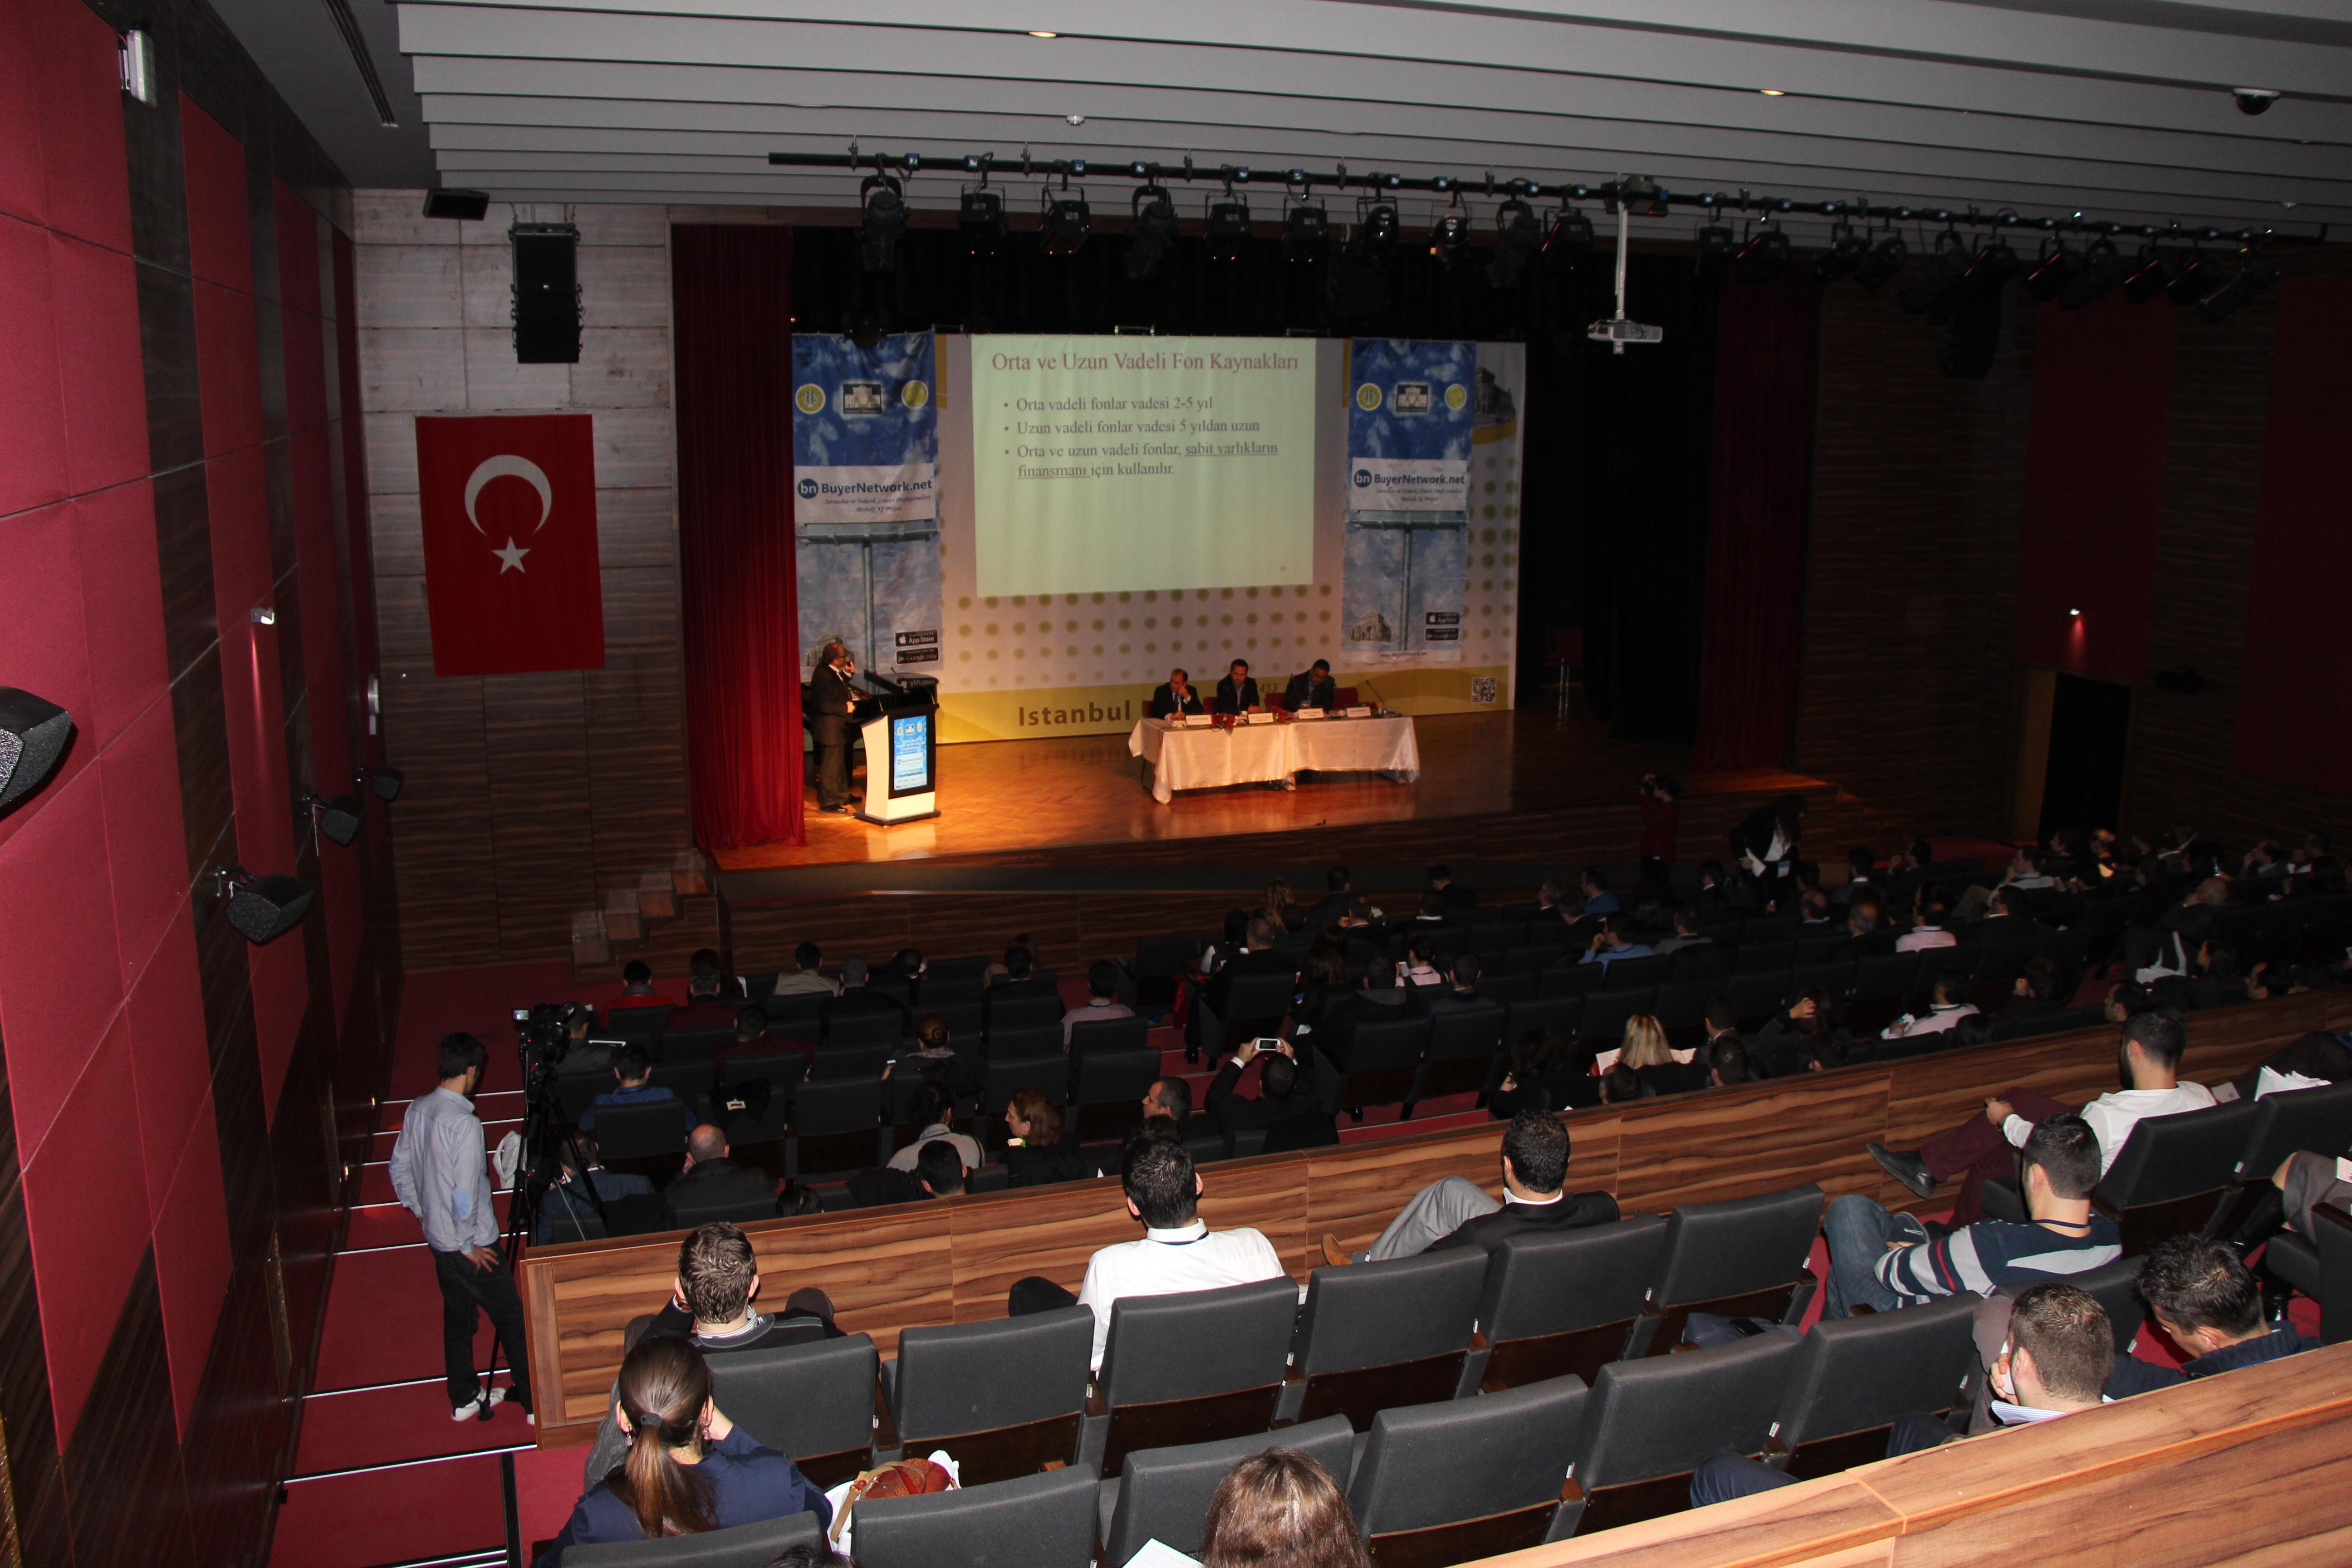 Satınalma ve TZY Konferansı Yoğun Katılımla Tamamlandı